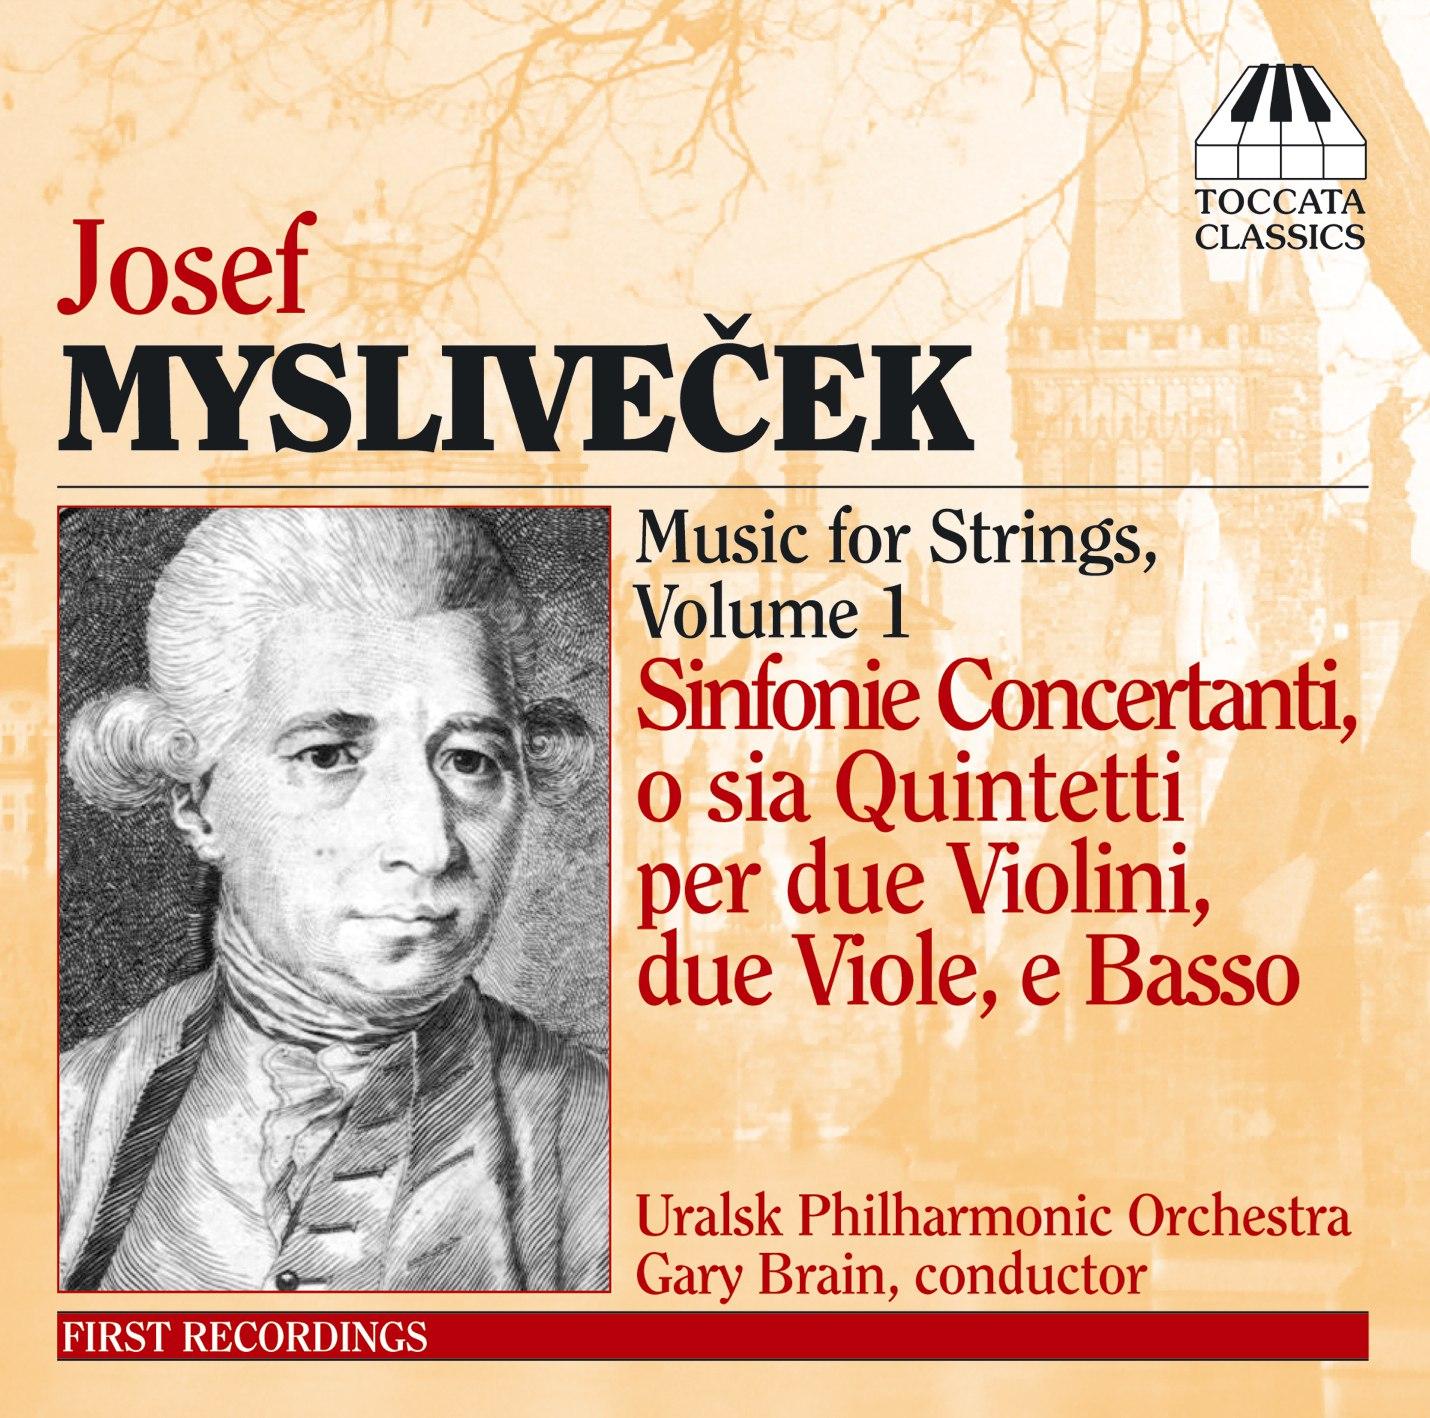 Josef Mysliveček: Music for Strings